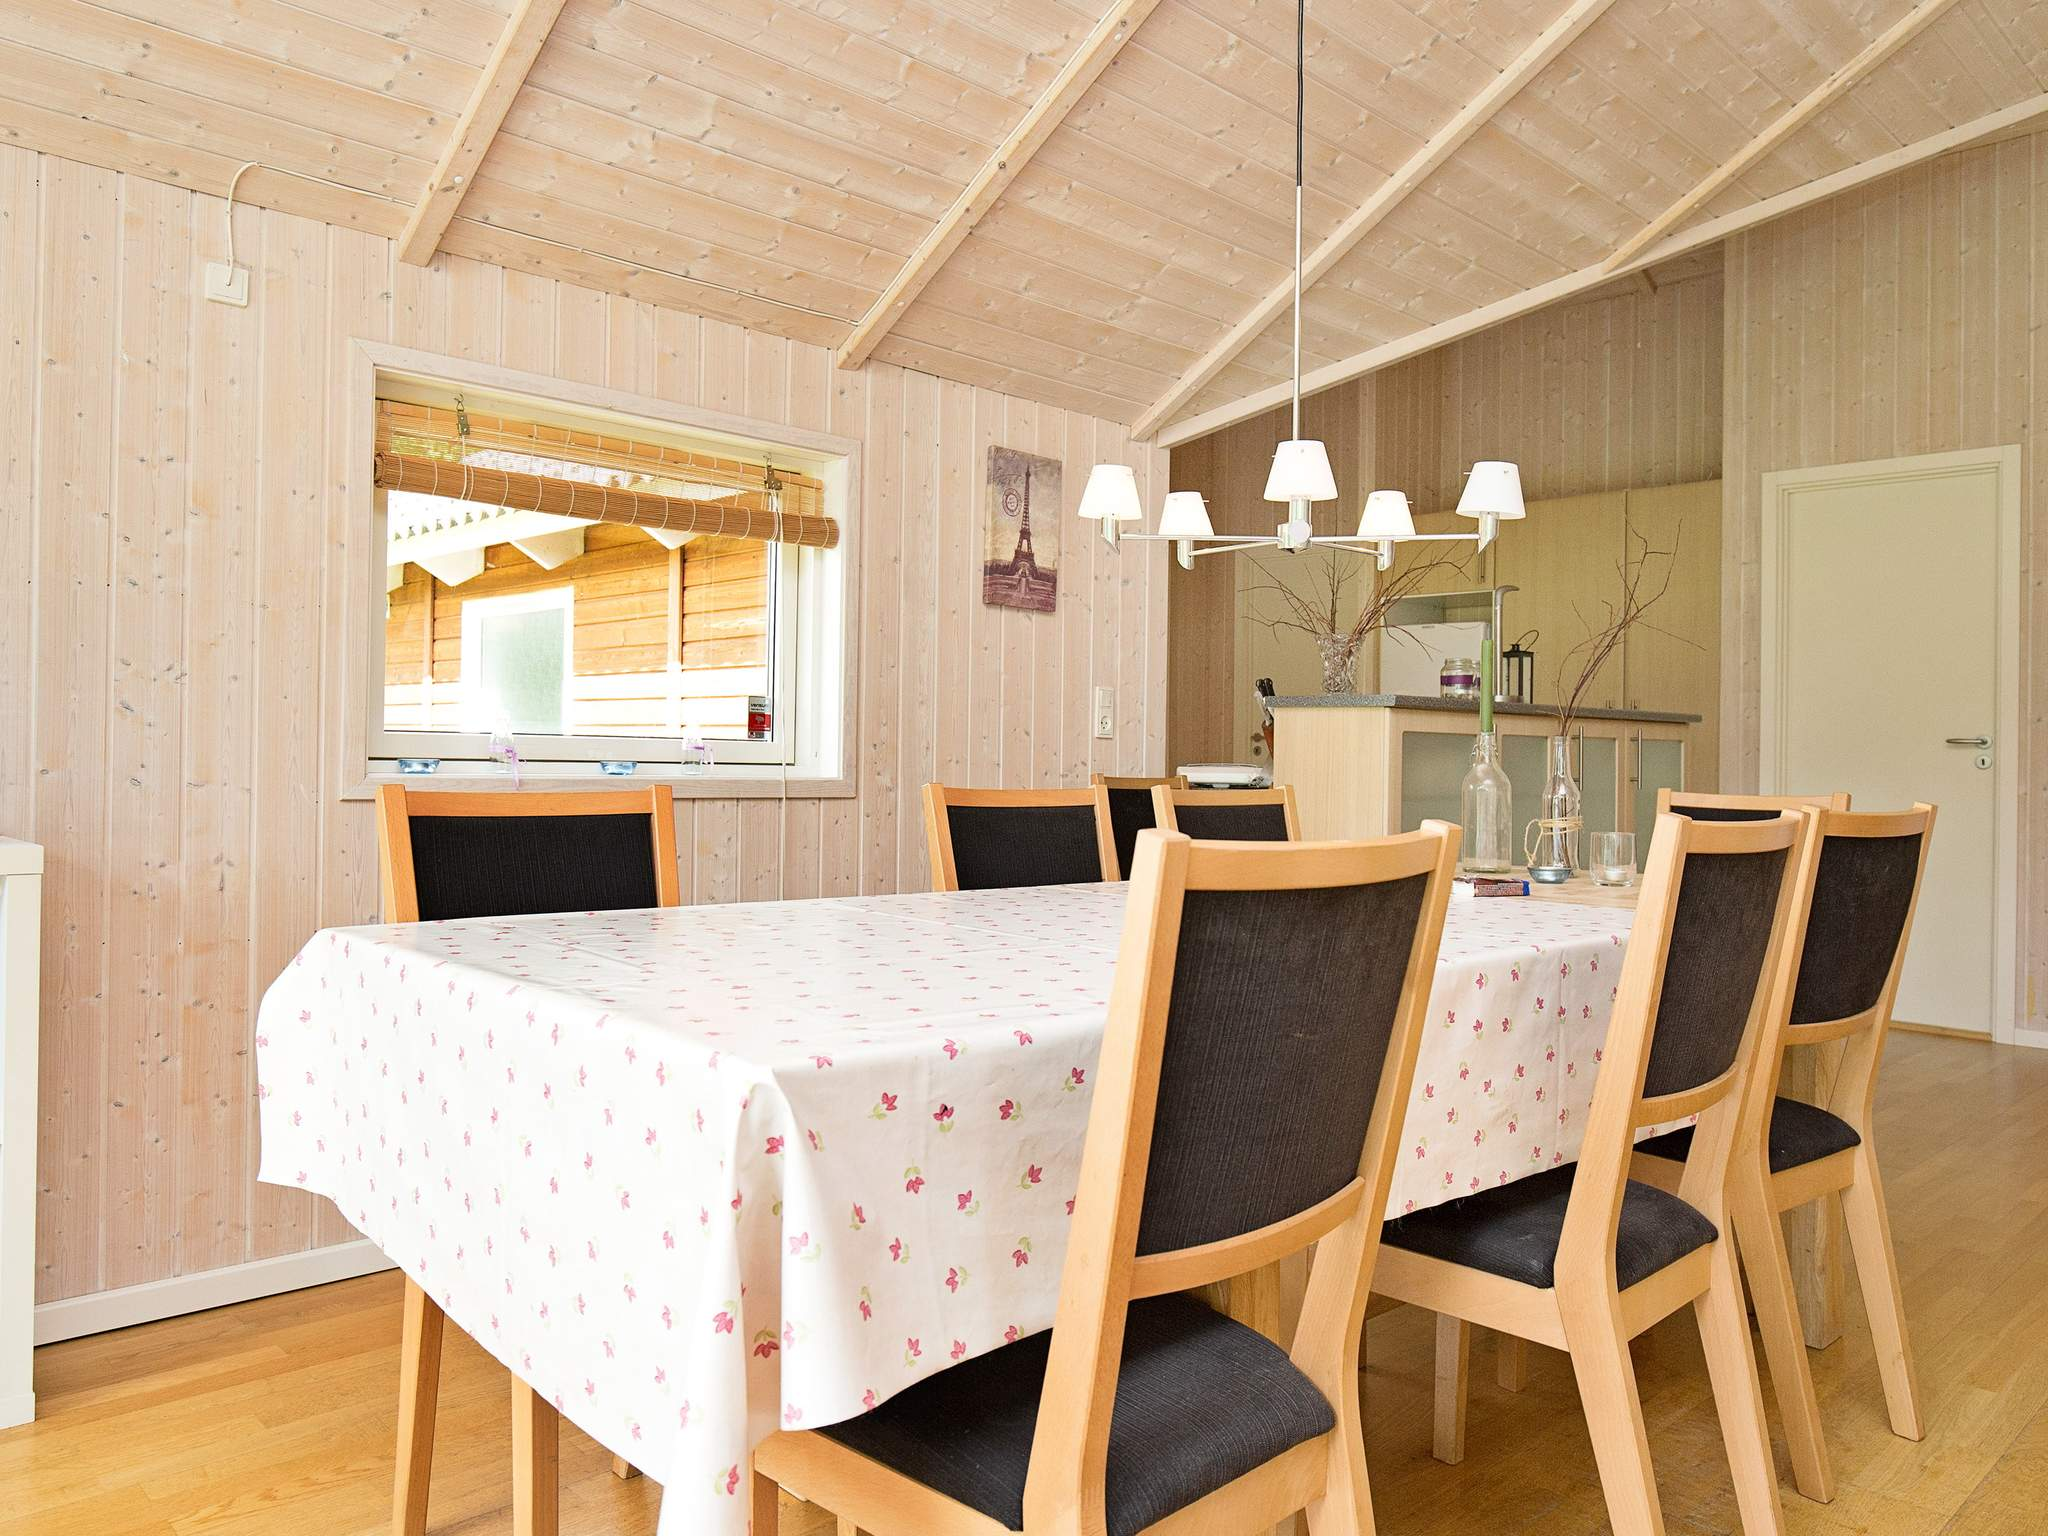 Ferienhaus Veddinge Bakker (216923), Asnæs, , Westseeland, Dänemark, Bild 8